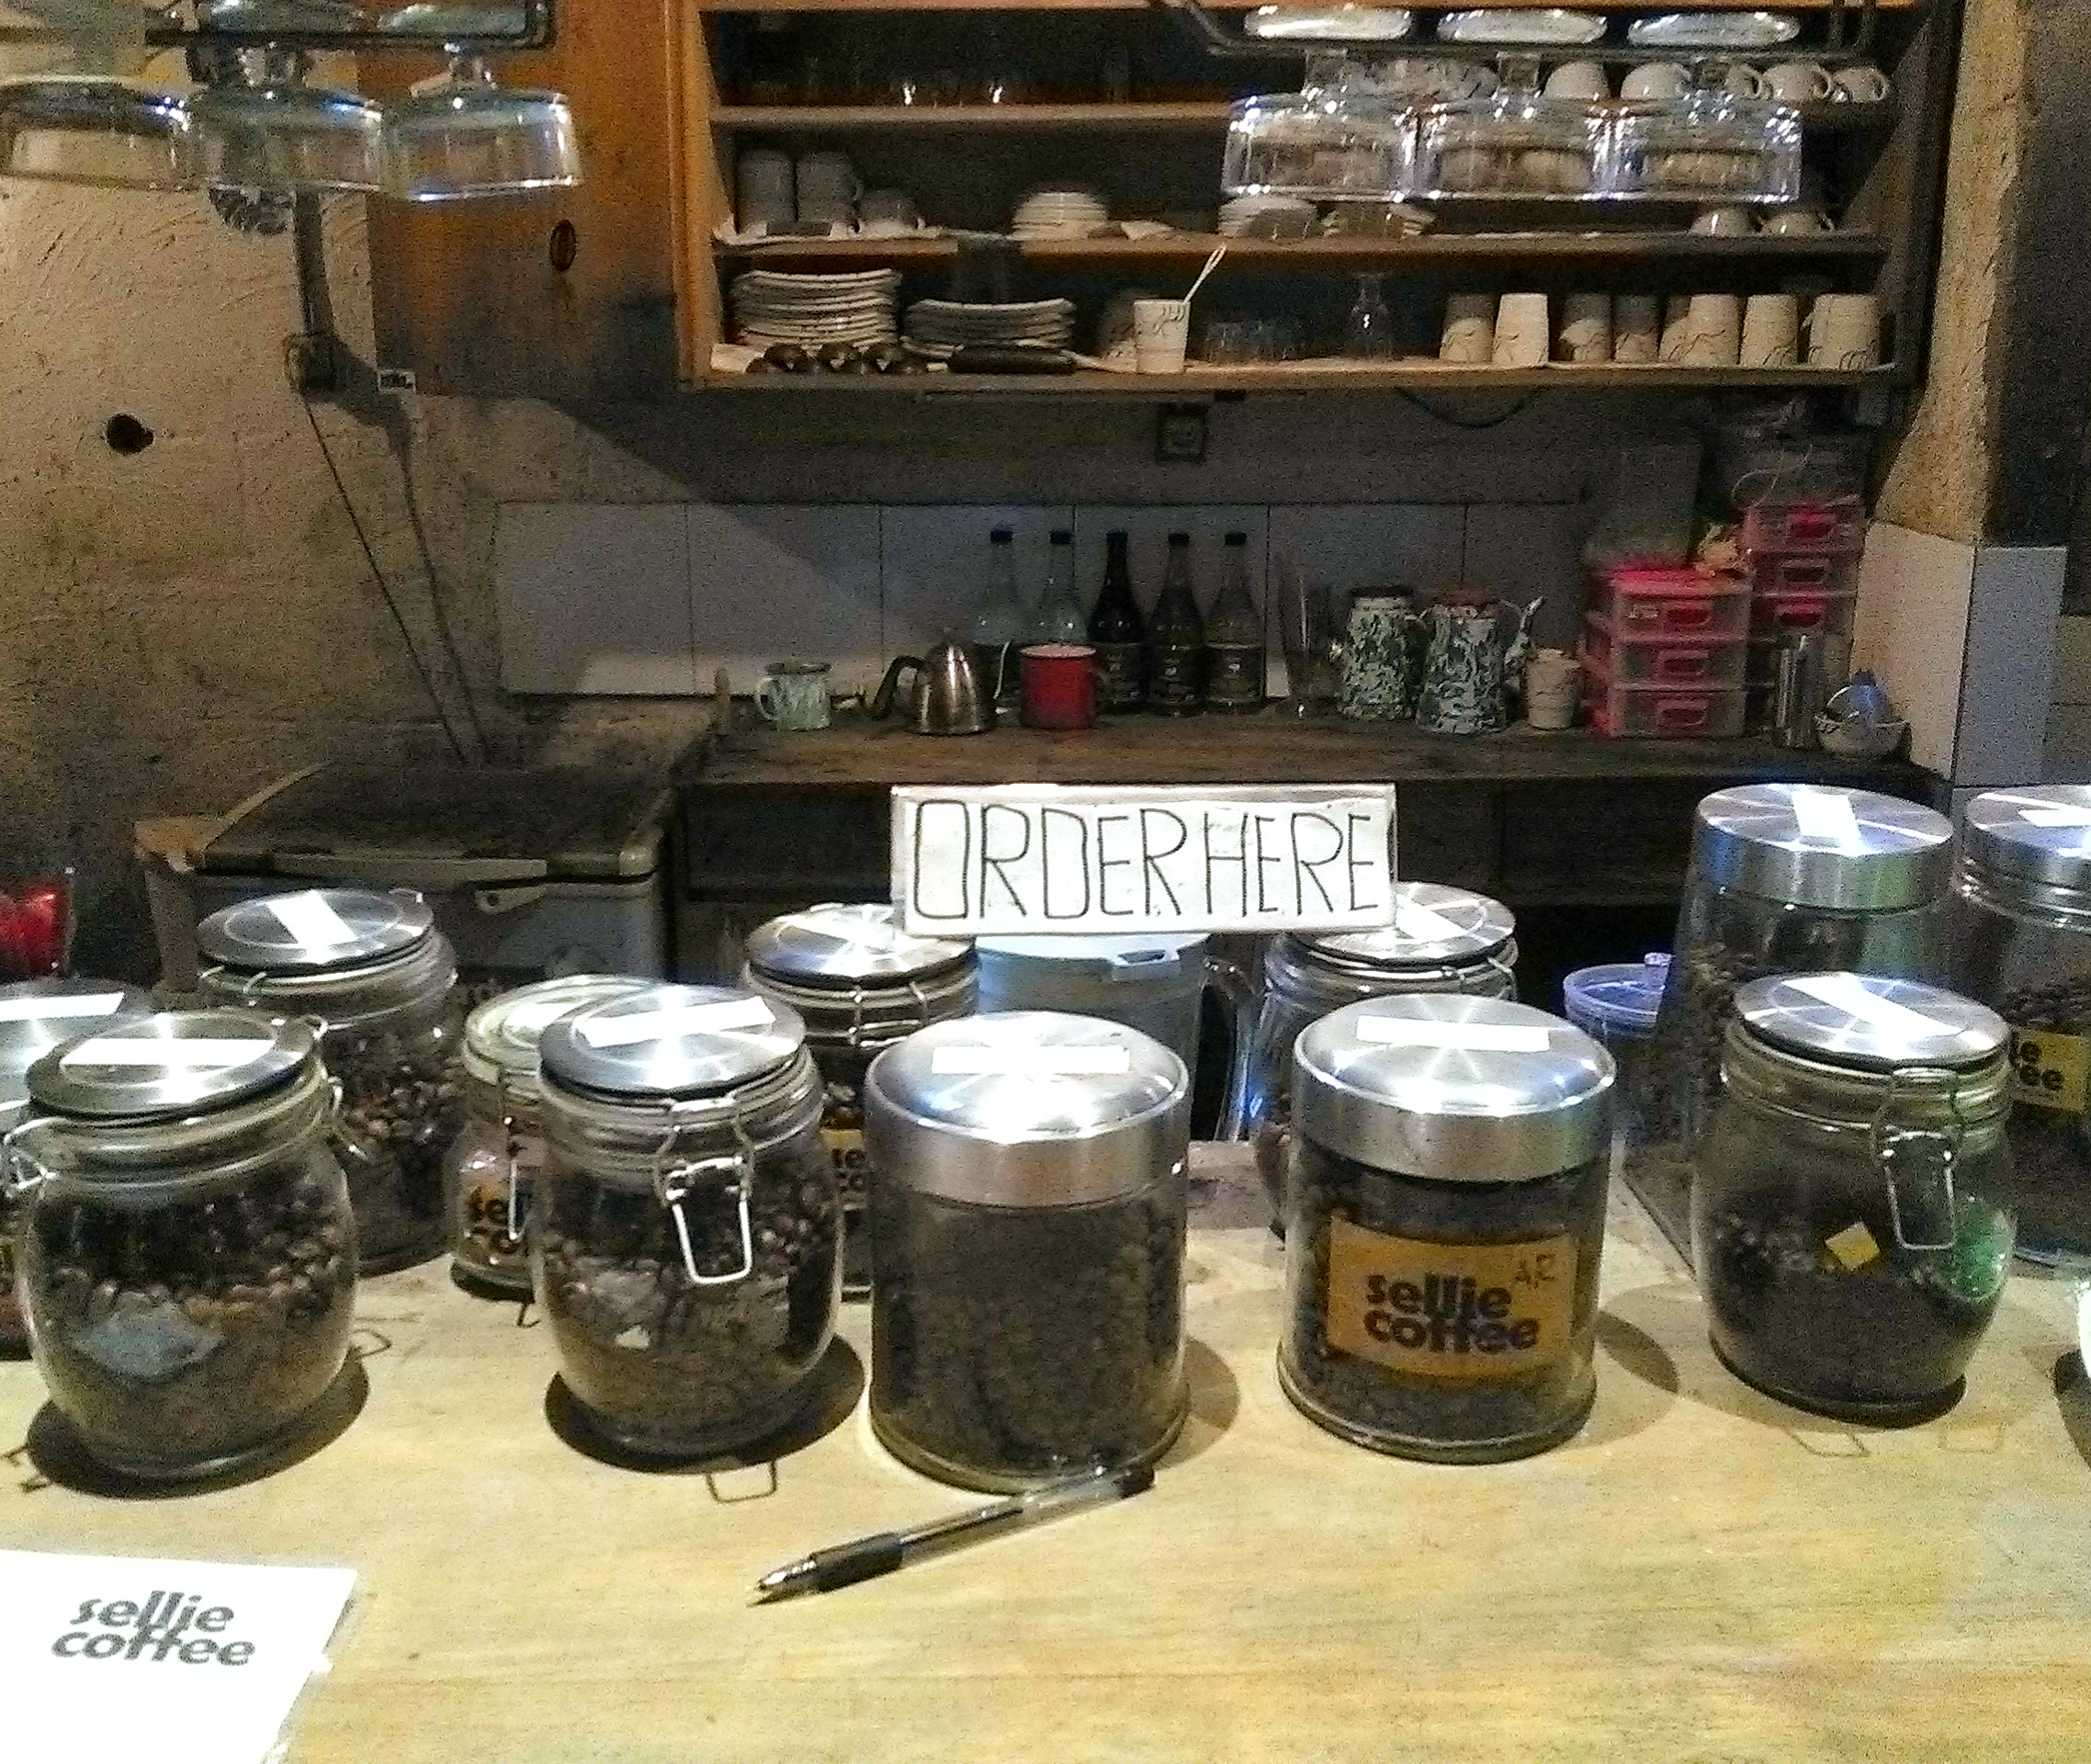 Selli Coffee